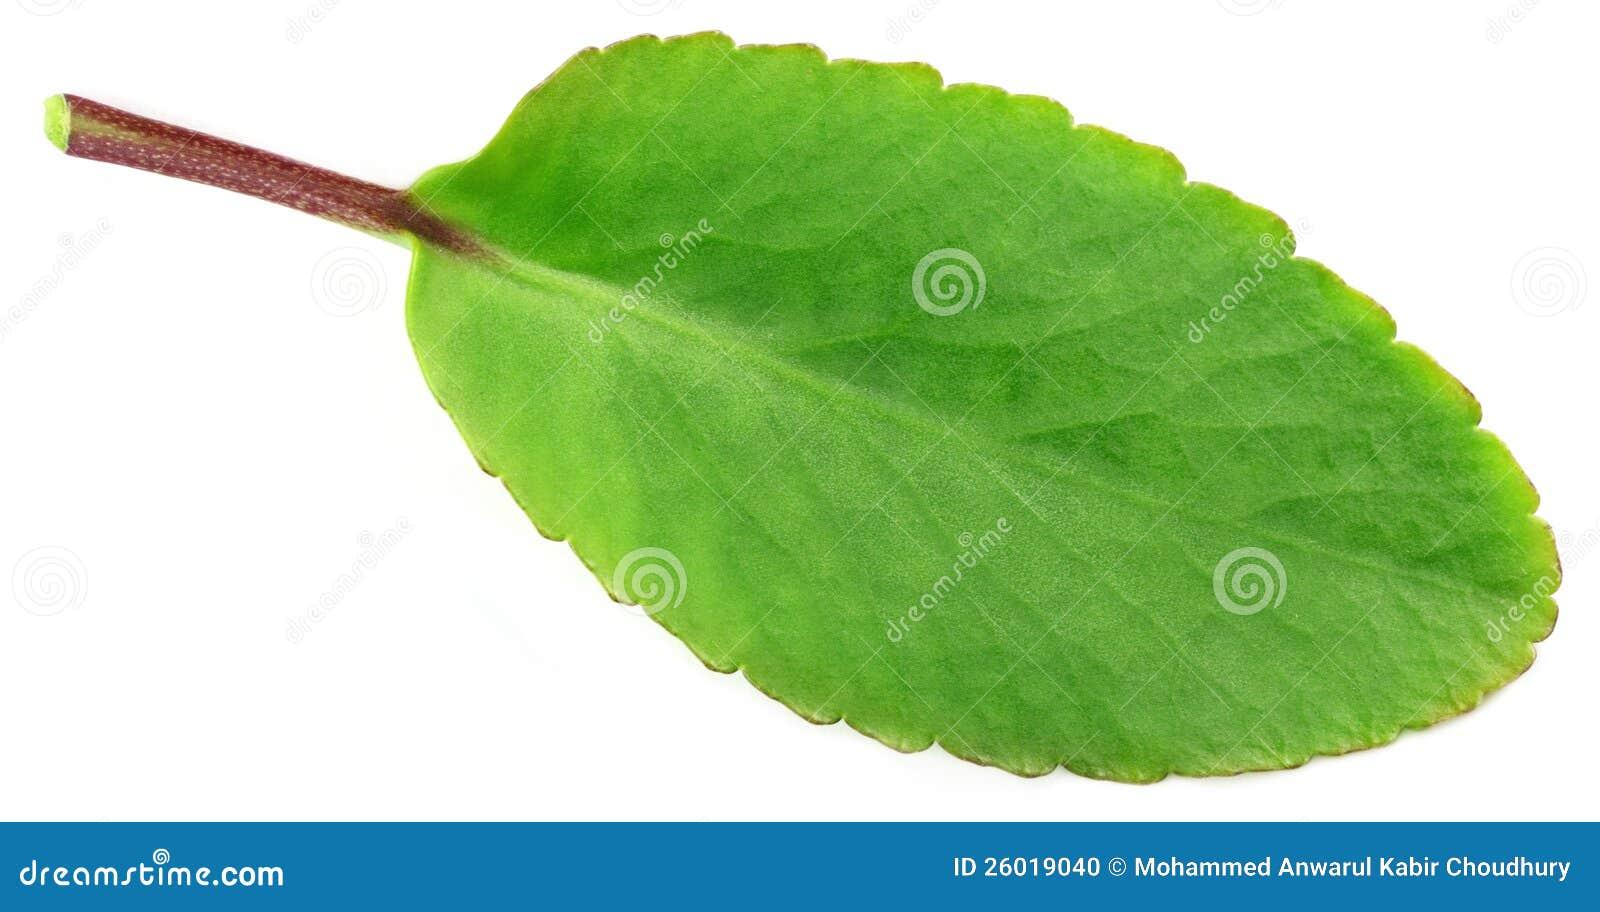 Medicinal Kalanchoe Or Patharkuchi Leaf Stock Photo - Image: 26019040 Kalanchoe Pinnata